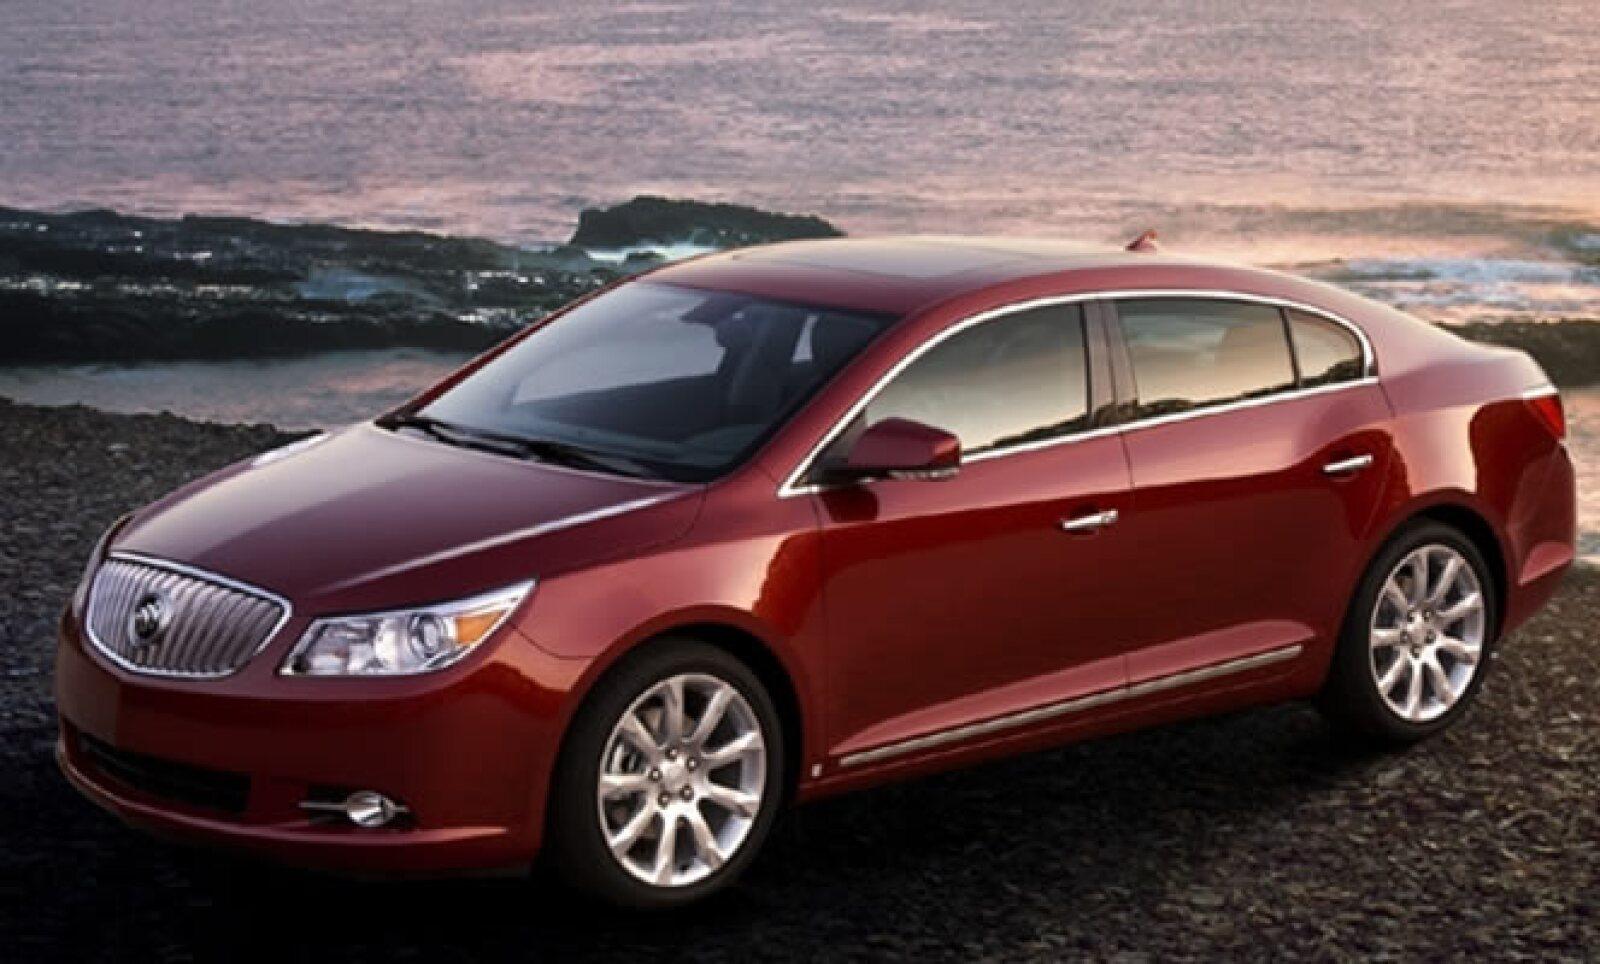 LaCrosse cuenta con una parrilla con estilo de cascada característica de los modelos Buick, portillas cromadas con contornos brillantes que mejoran su diseño exterior y una defensa al color de la carrocería que acentúa su elegancia y da mayor uniformidad